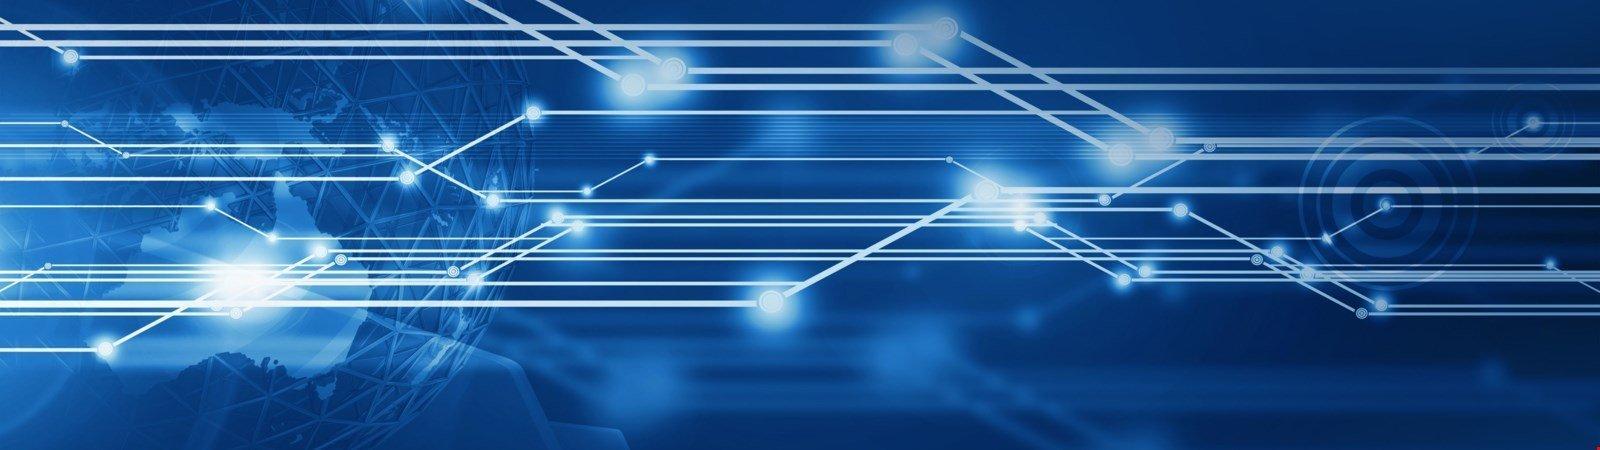 Smart Home - Datenübertragung und Vernetzung